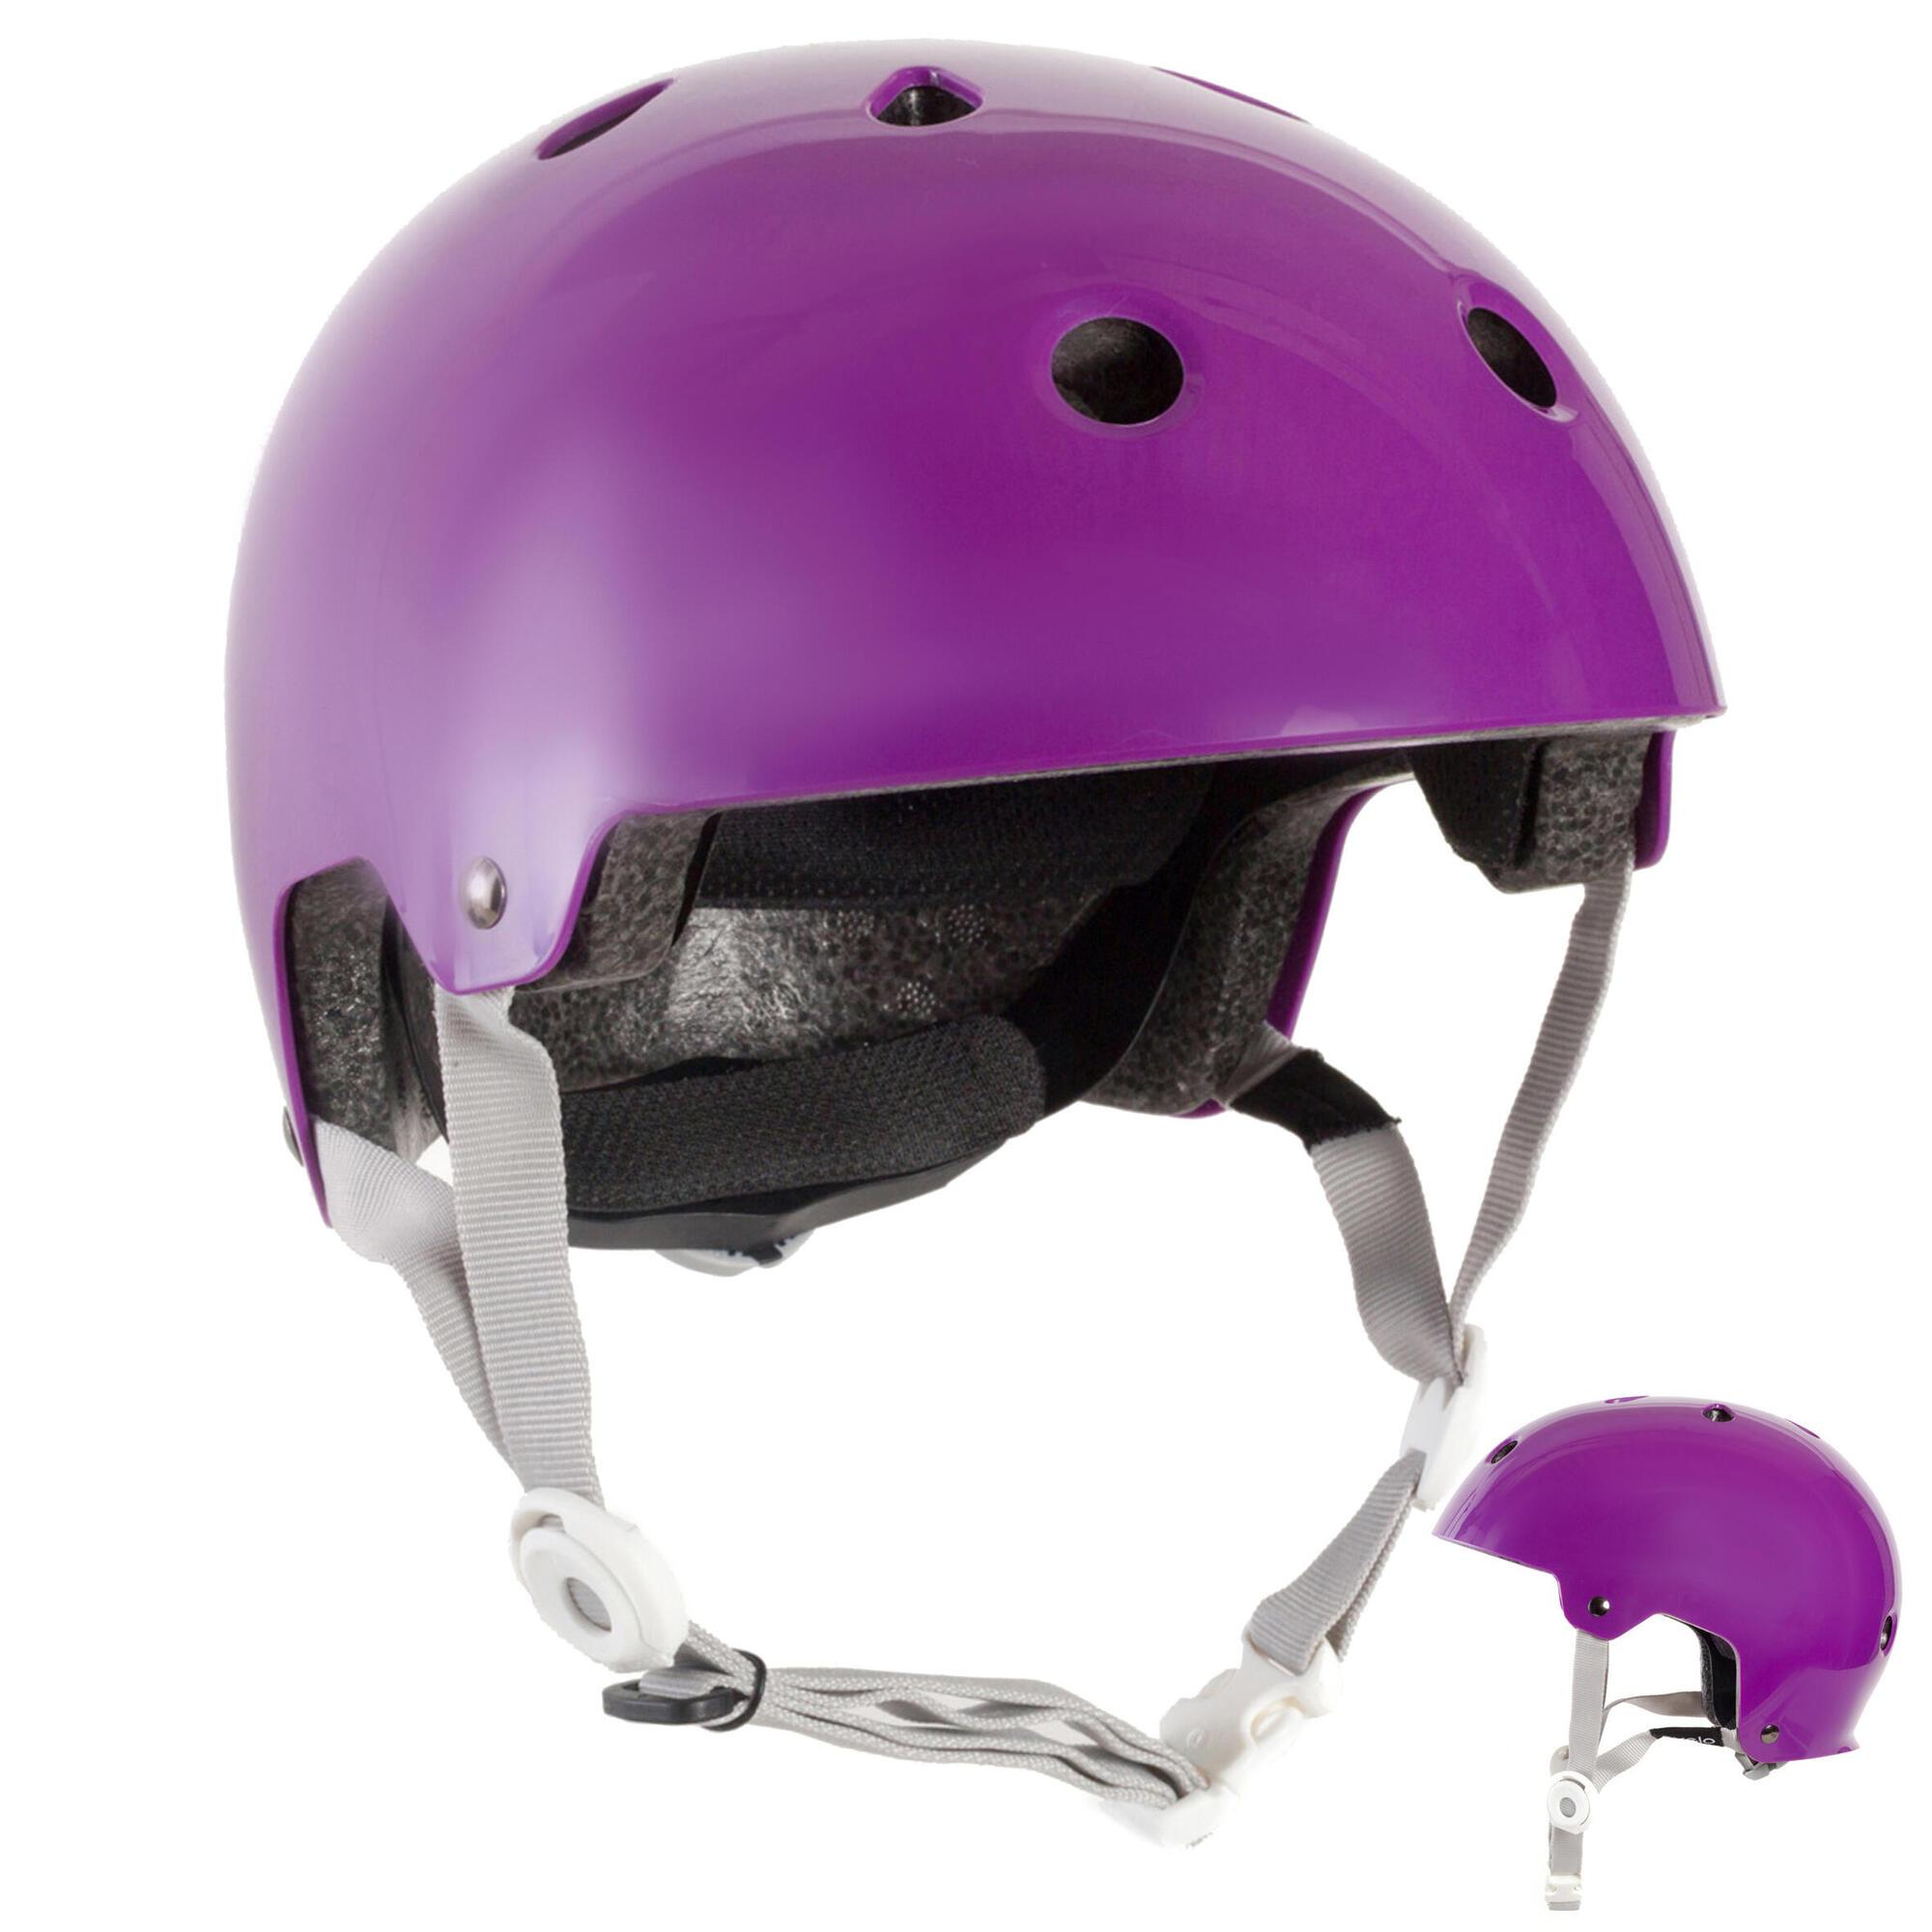 casque roller skateboard trottinette play 5 violet oxelo. Black Bedroom Furniture Sets. Home Design Ideas